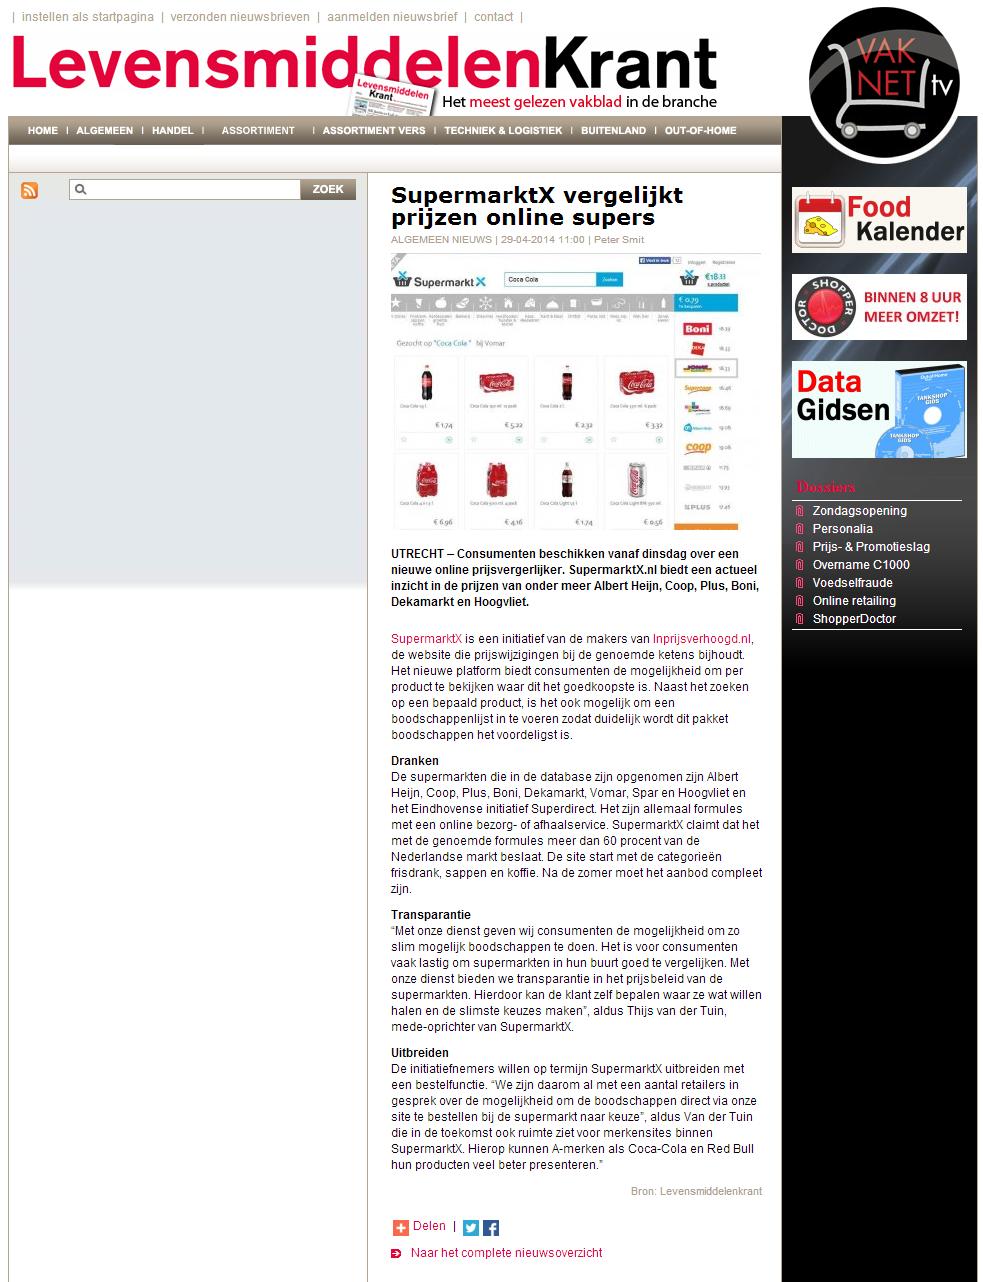 Levensmiddelenkrant.nl: SupermarktX vergelijkt prijzen online supers